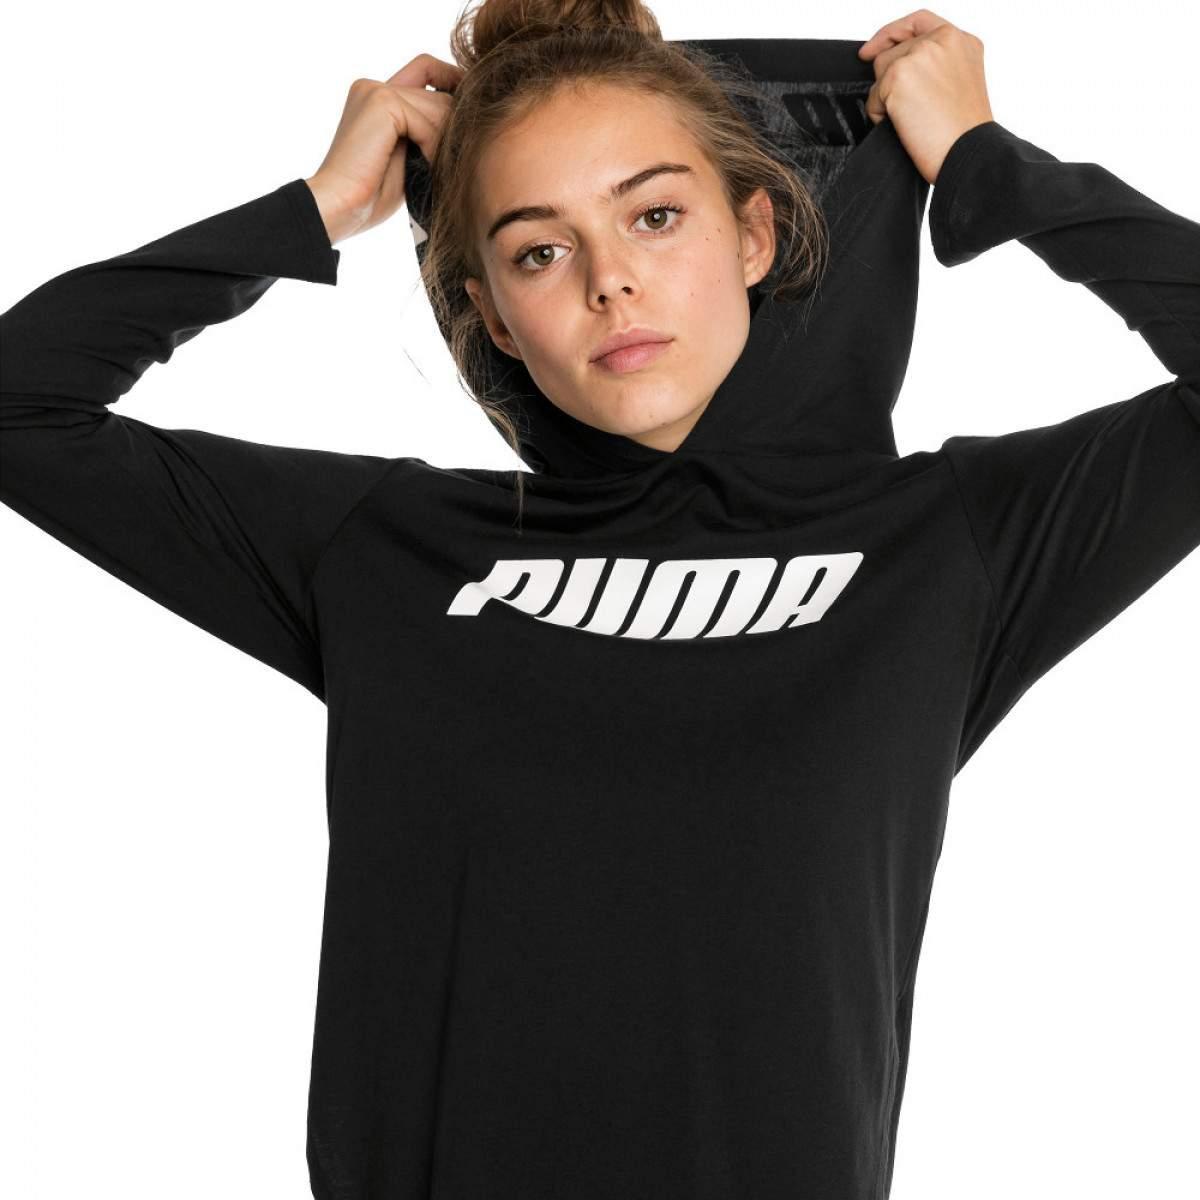 Női Puma Pólók webshop | ShopAlike.hu